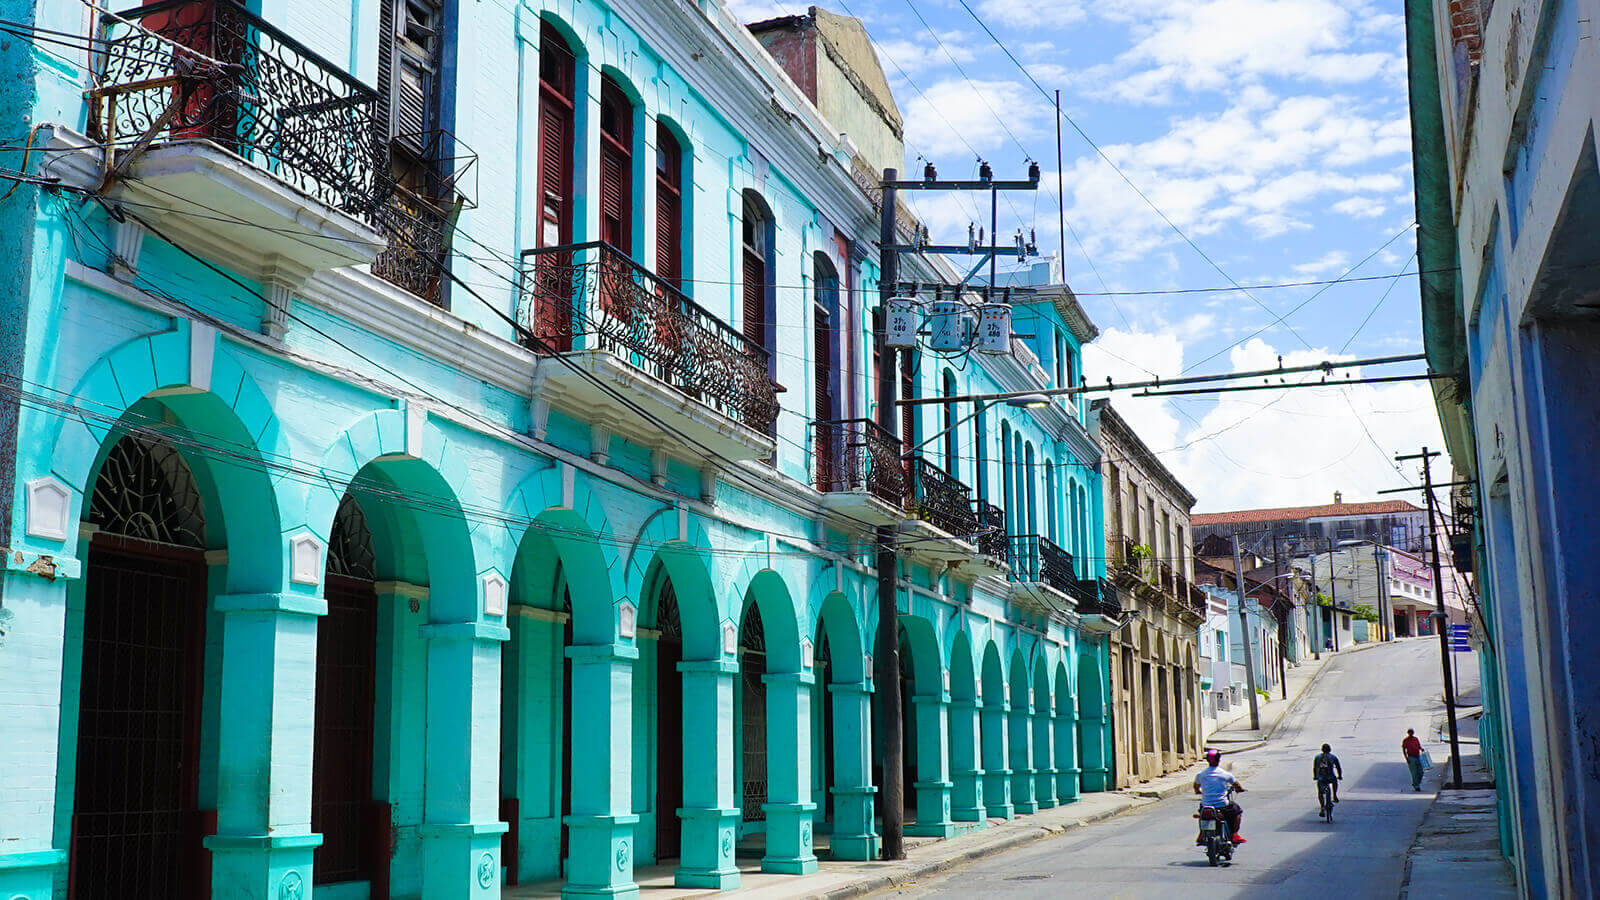 Escort girls in Santiago de Cuba